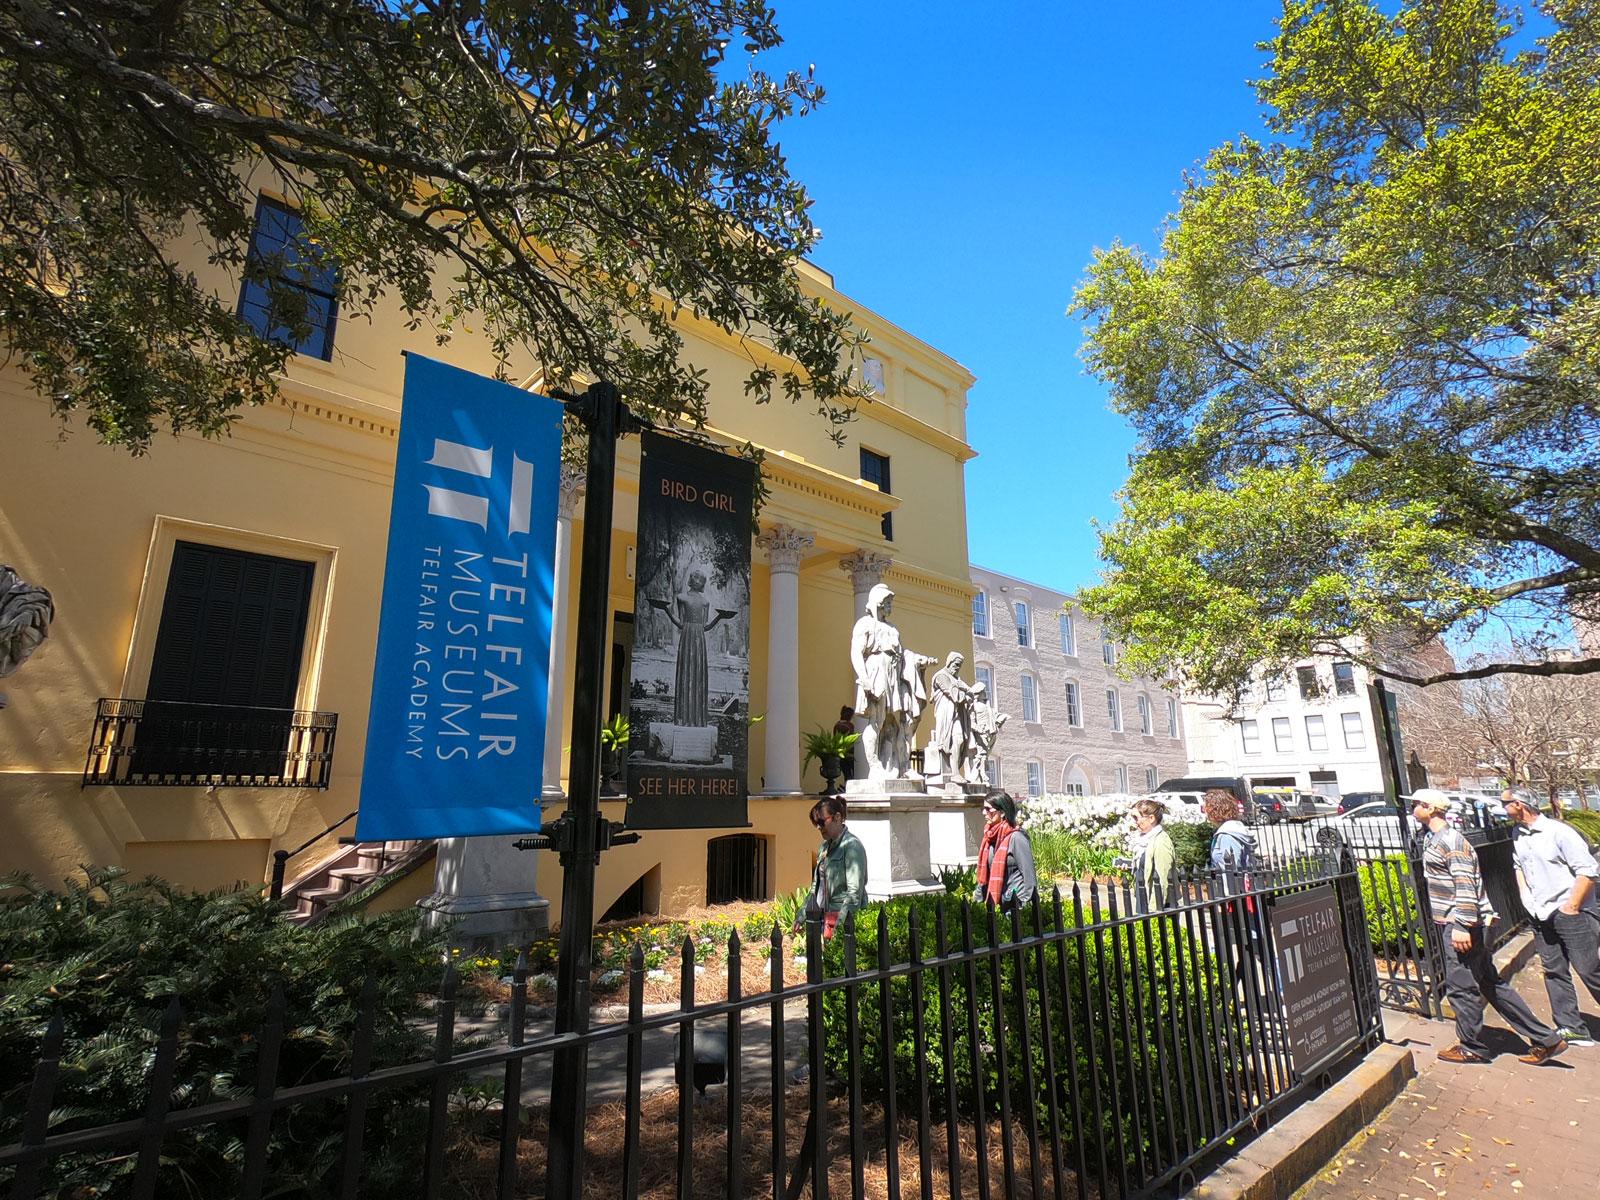 Exterior of Telfair Academy mansion in Savannah, Georgia